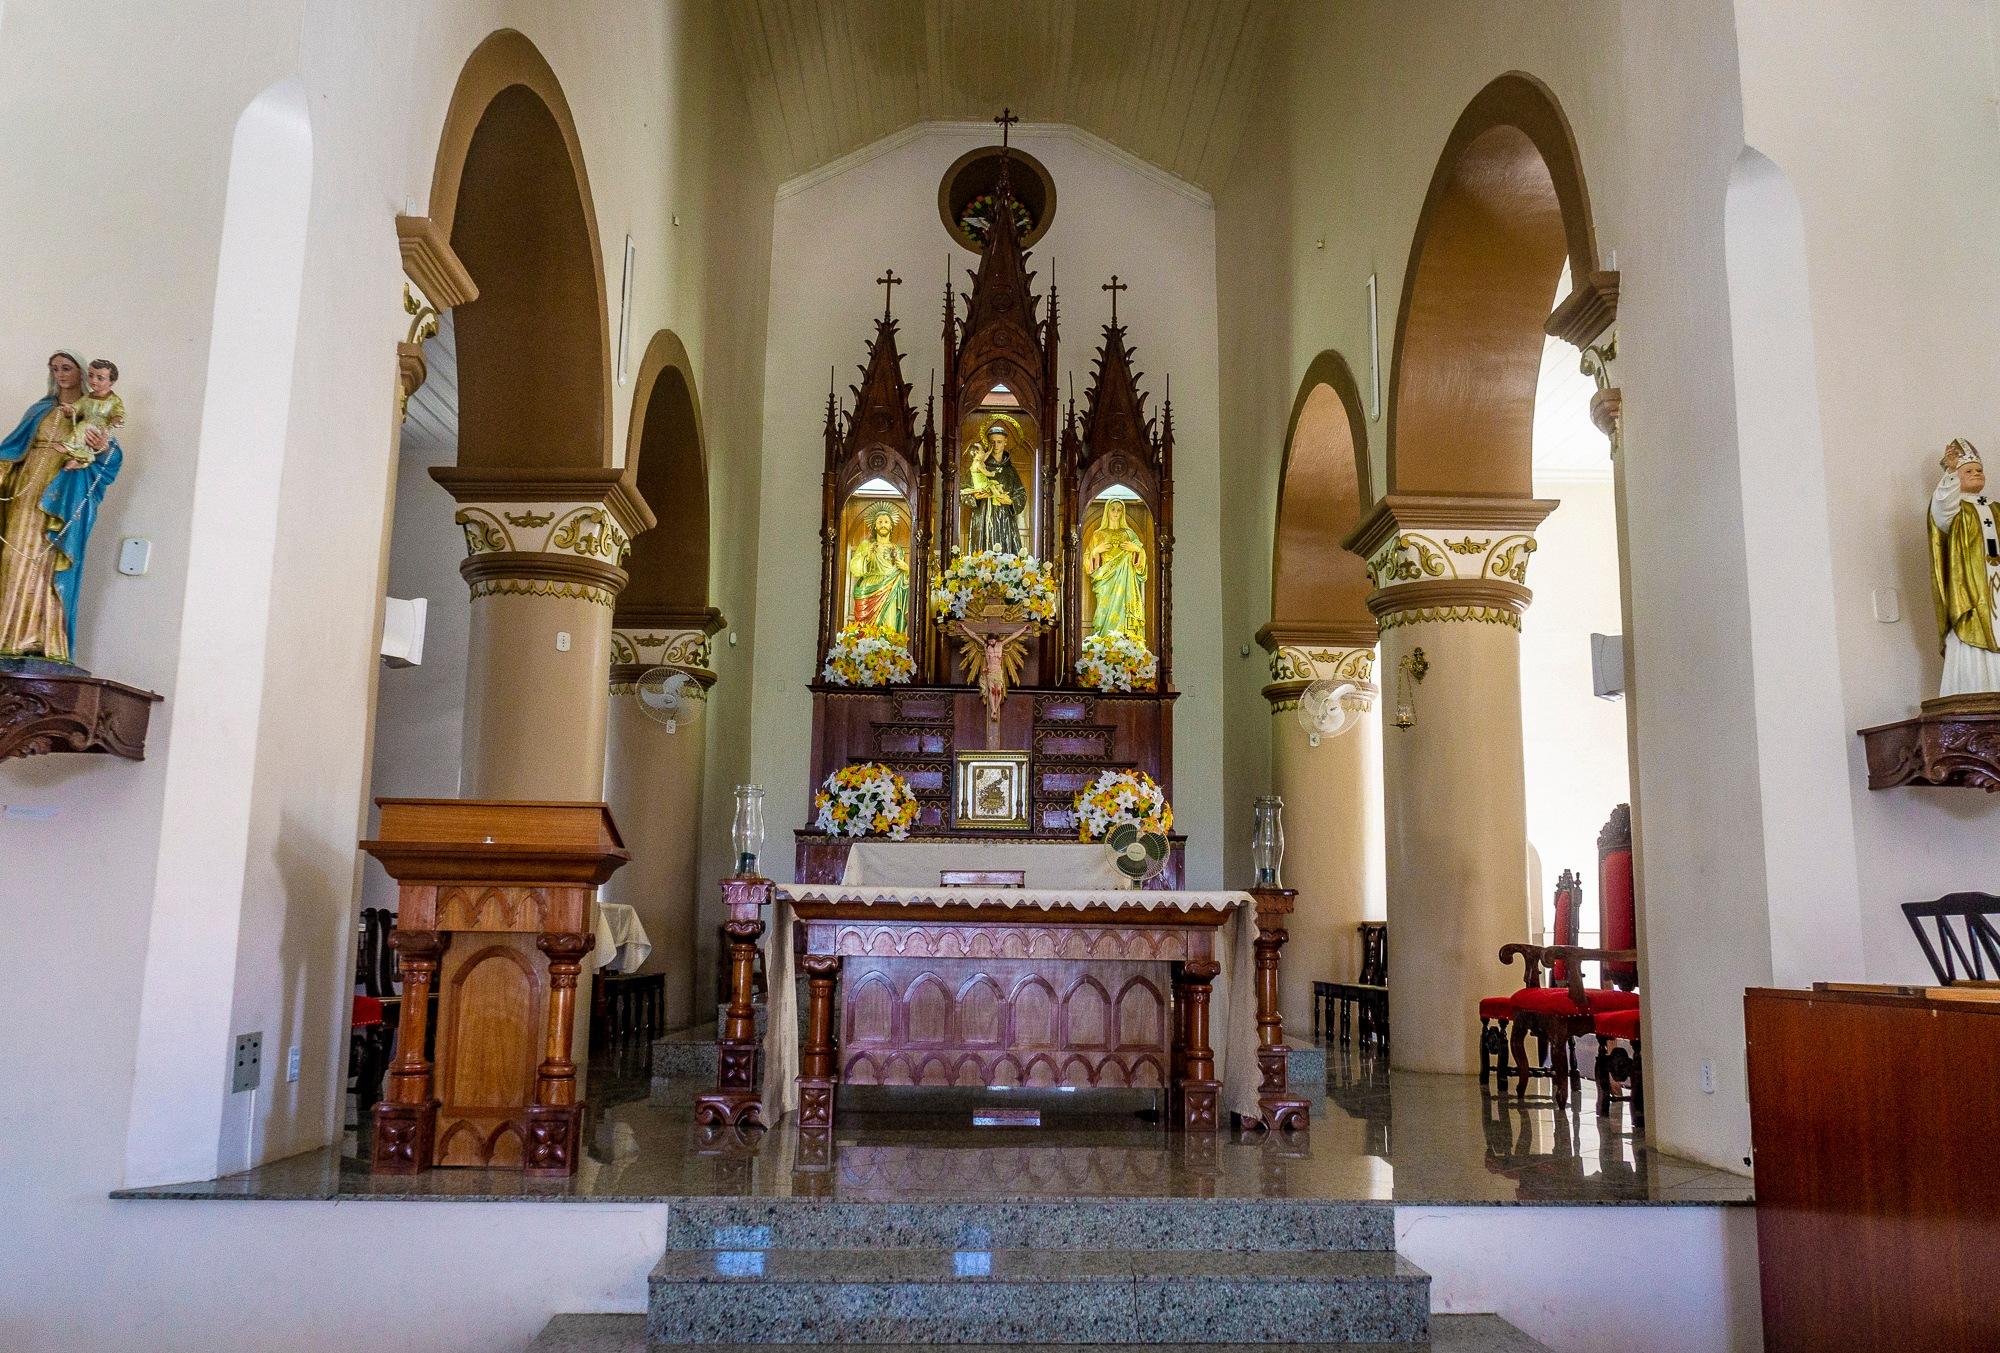 Church by marcilio xavier adjafre